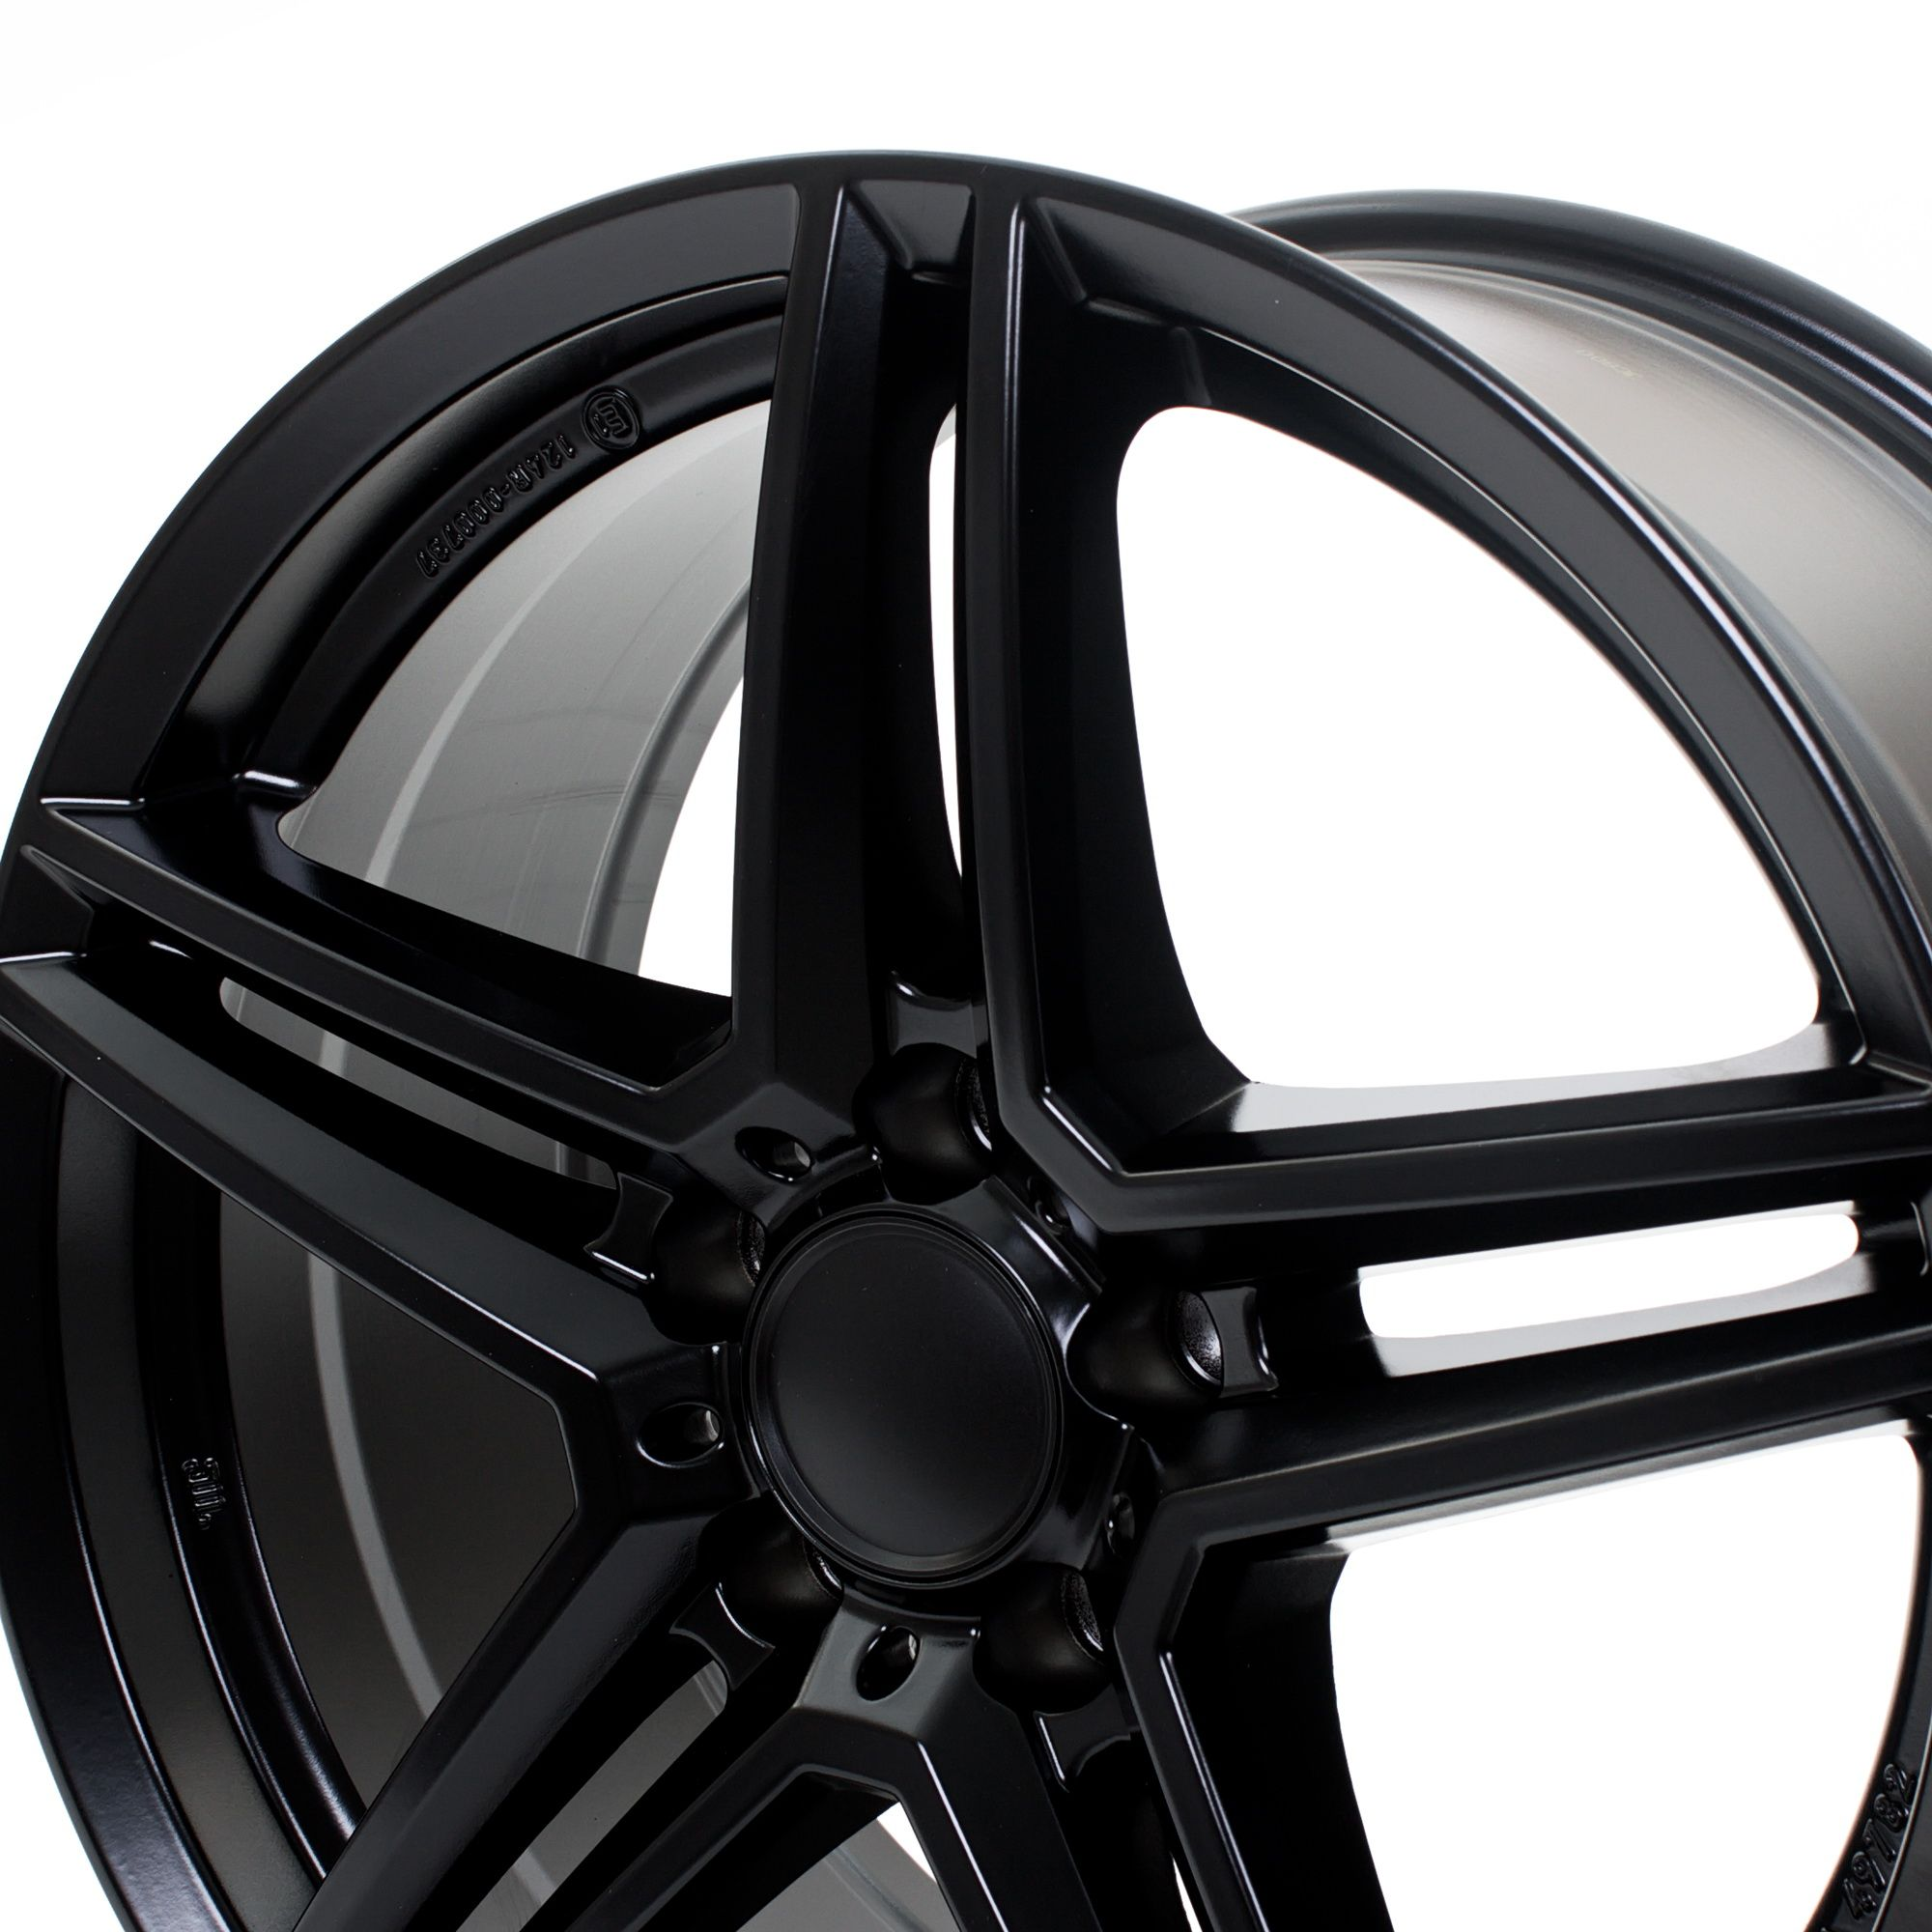 rial m10x felgen racing schwarz in 19 zoll. Black Bedroom Furniture Sets. Home Design Ideas